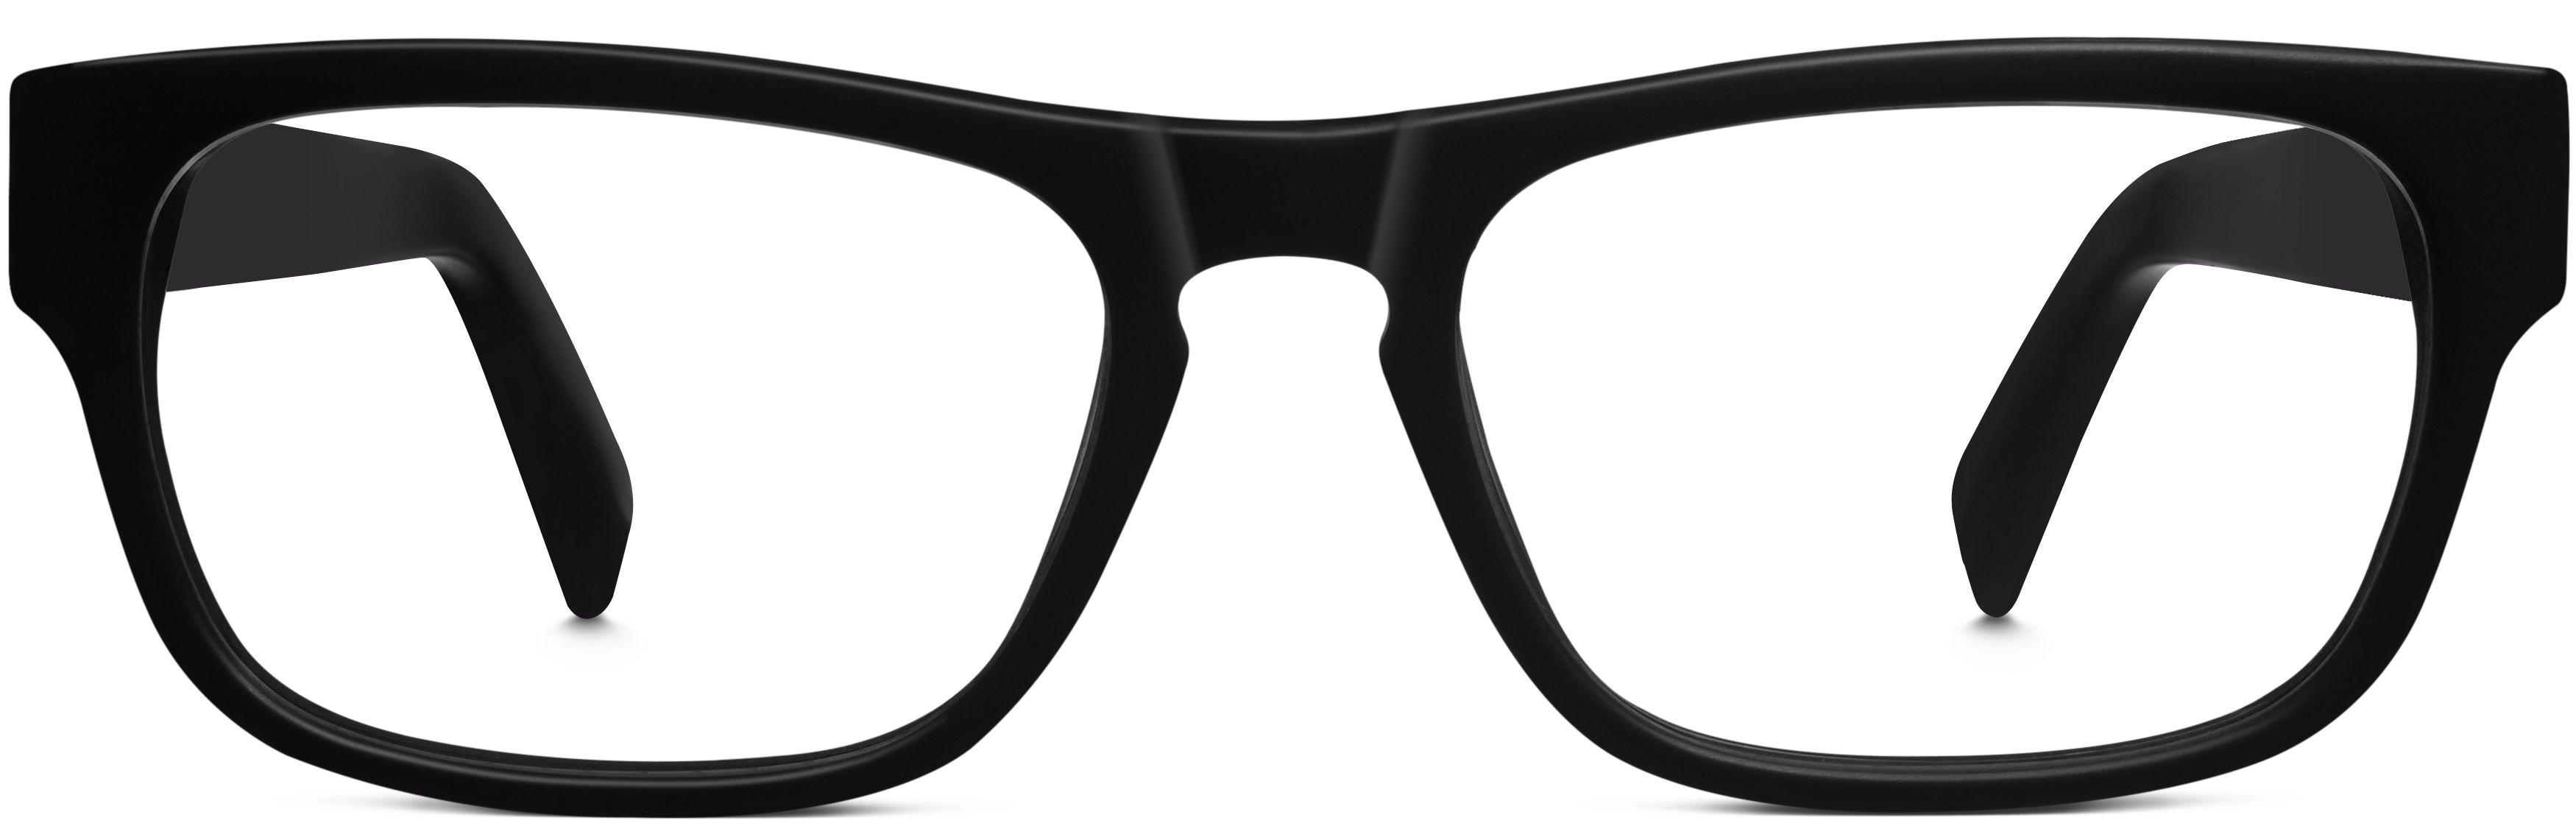 fd880e672a4 Graviate Black Full Frame Retrosquare Puter Glasses For Women. Roosevelt  Eyeglasses In Jet Black Matte For Women Warby Parker